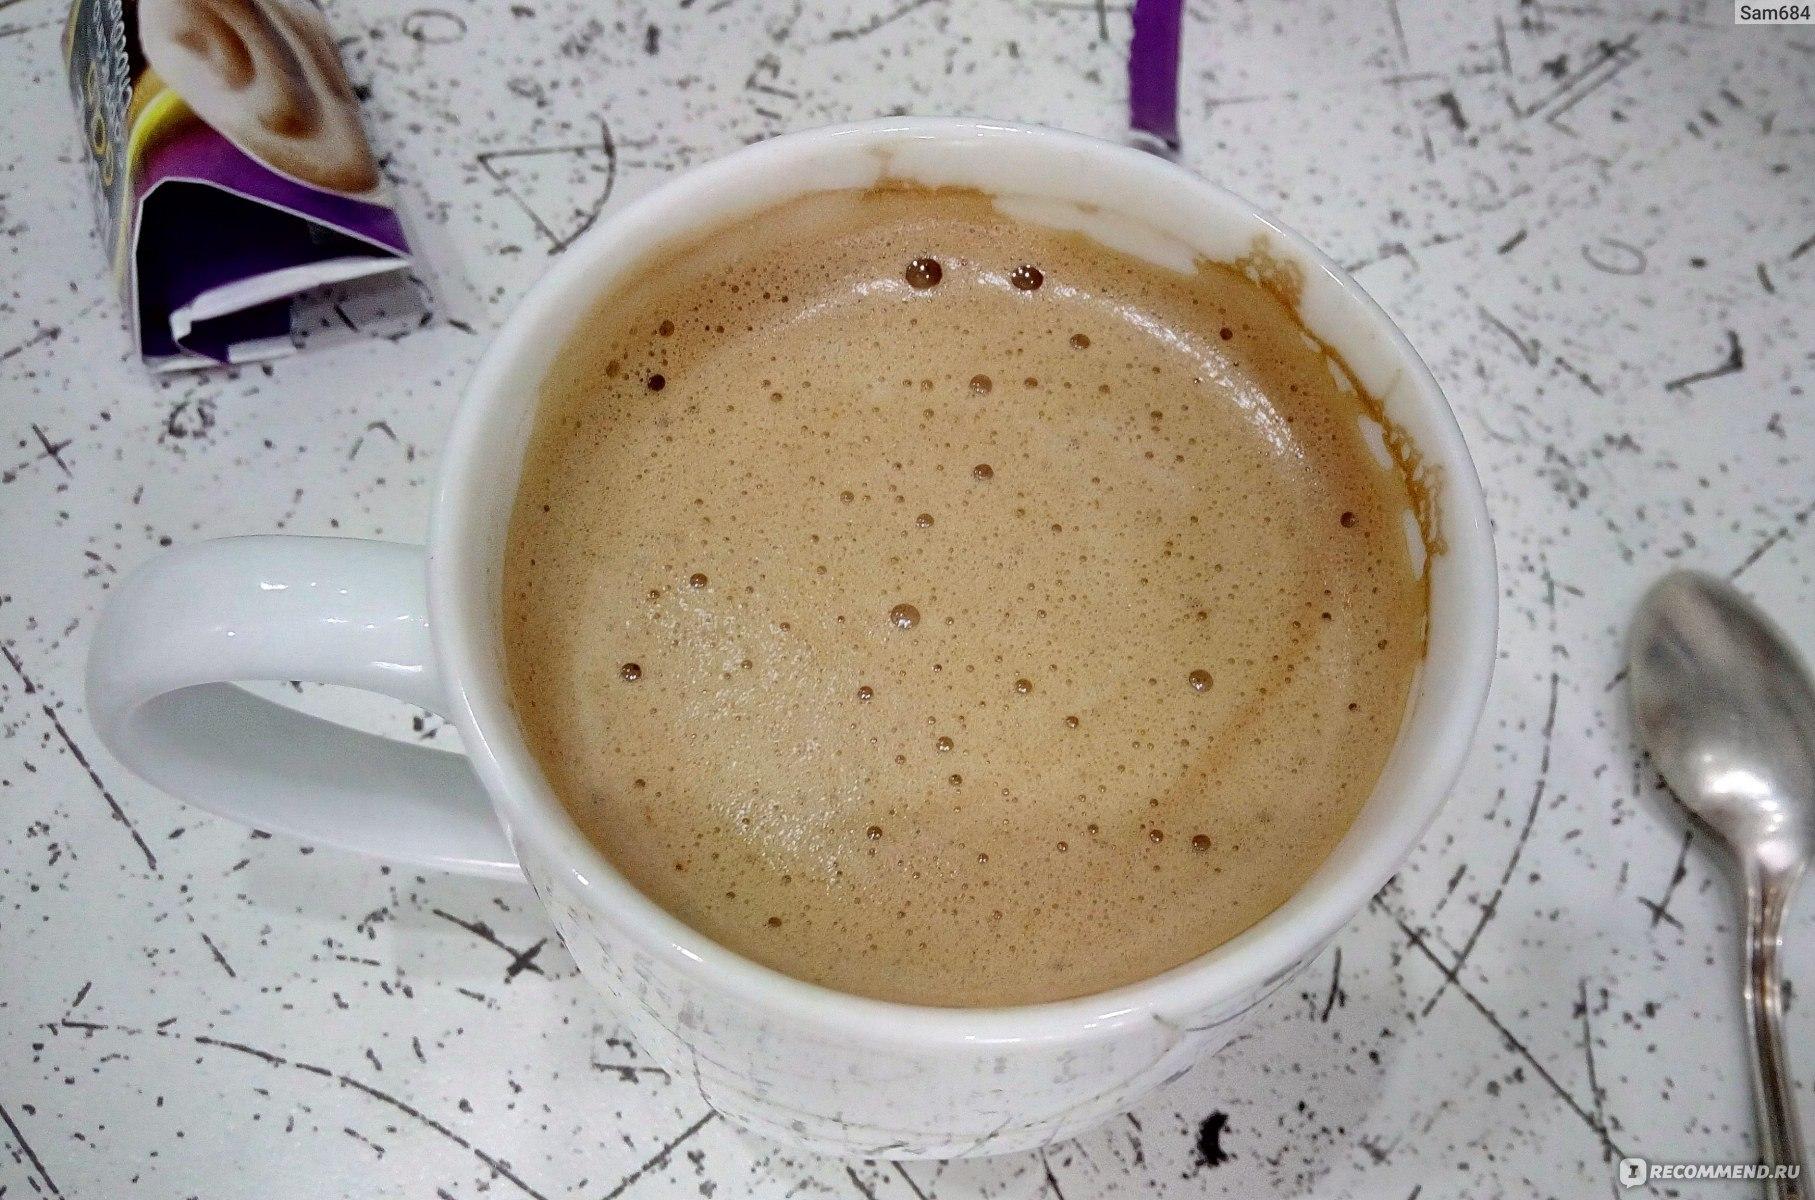 ванильный капучино на основе растворимого кофе